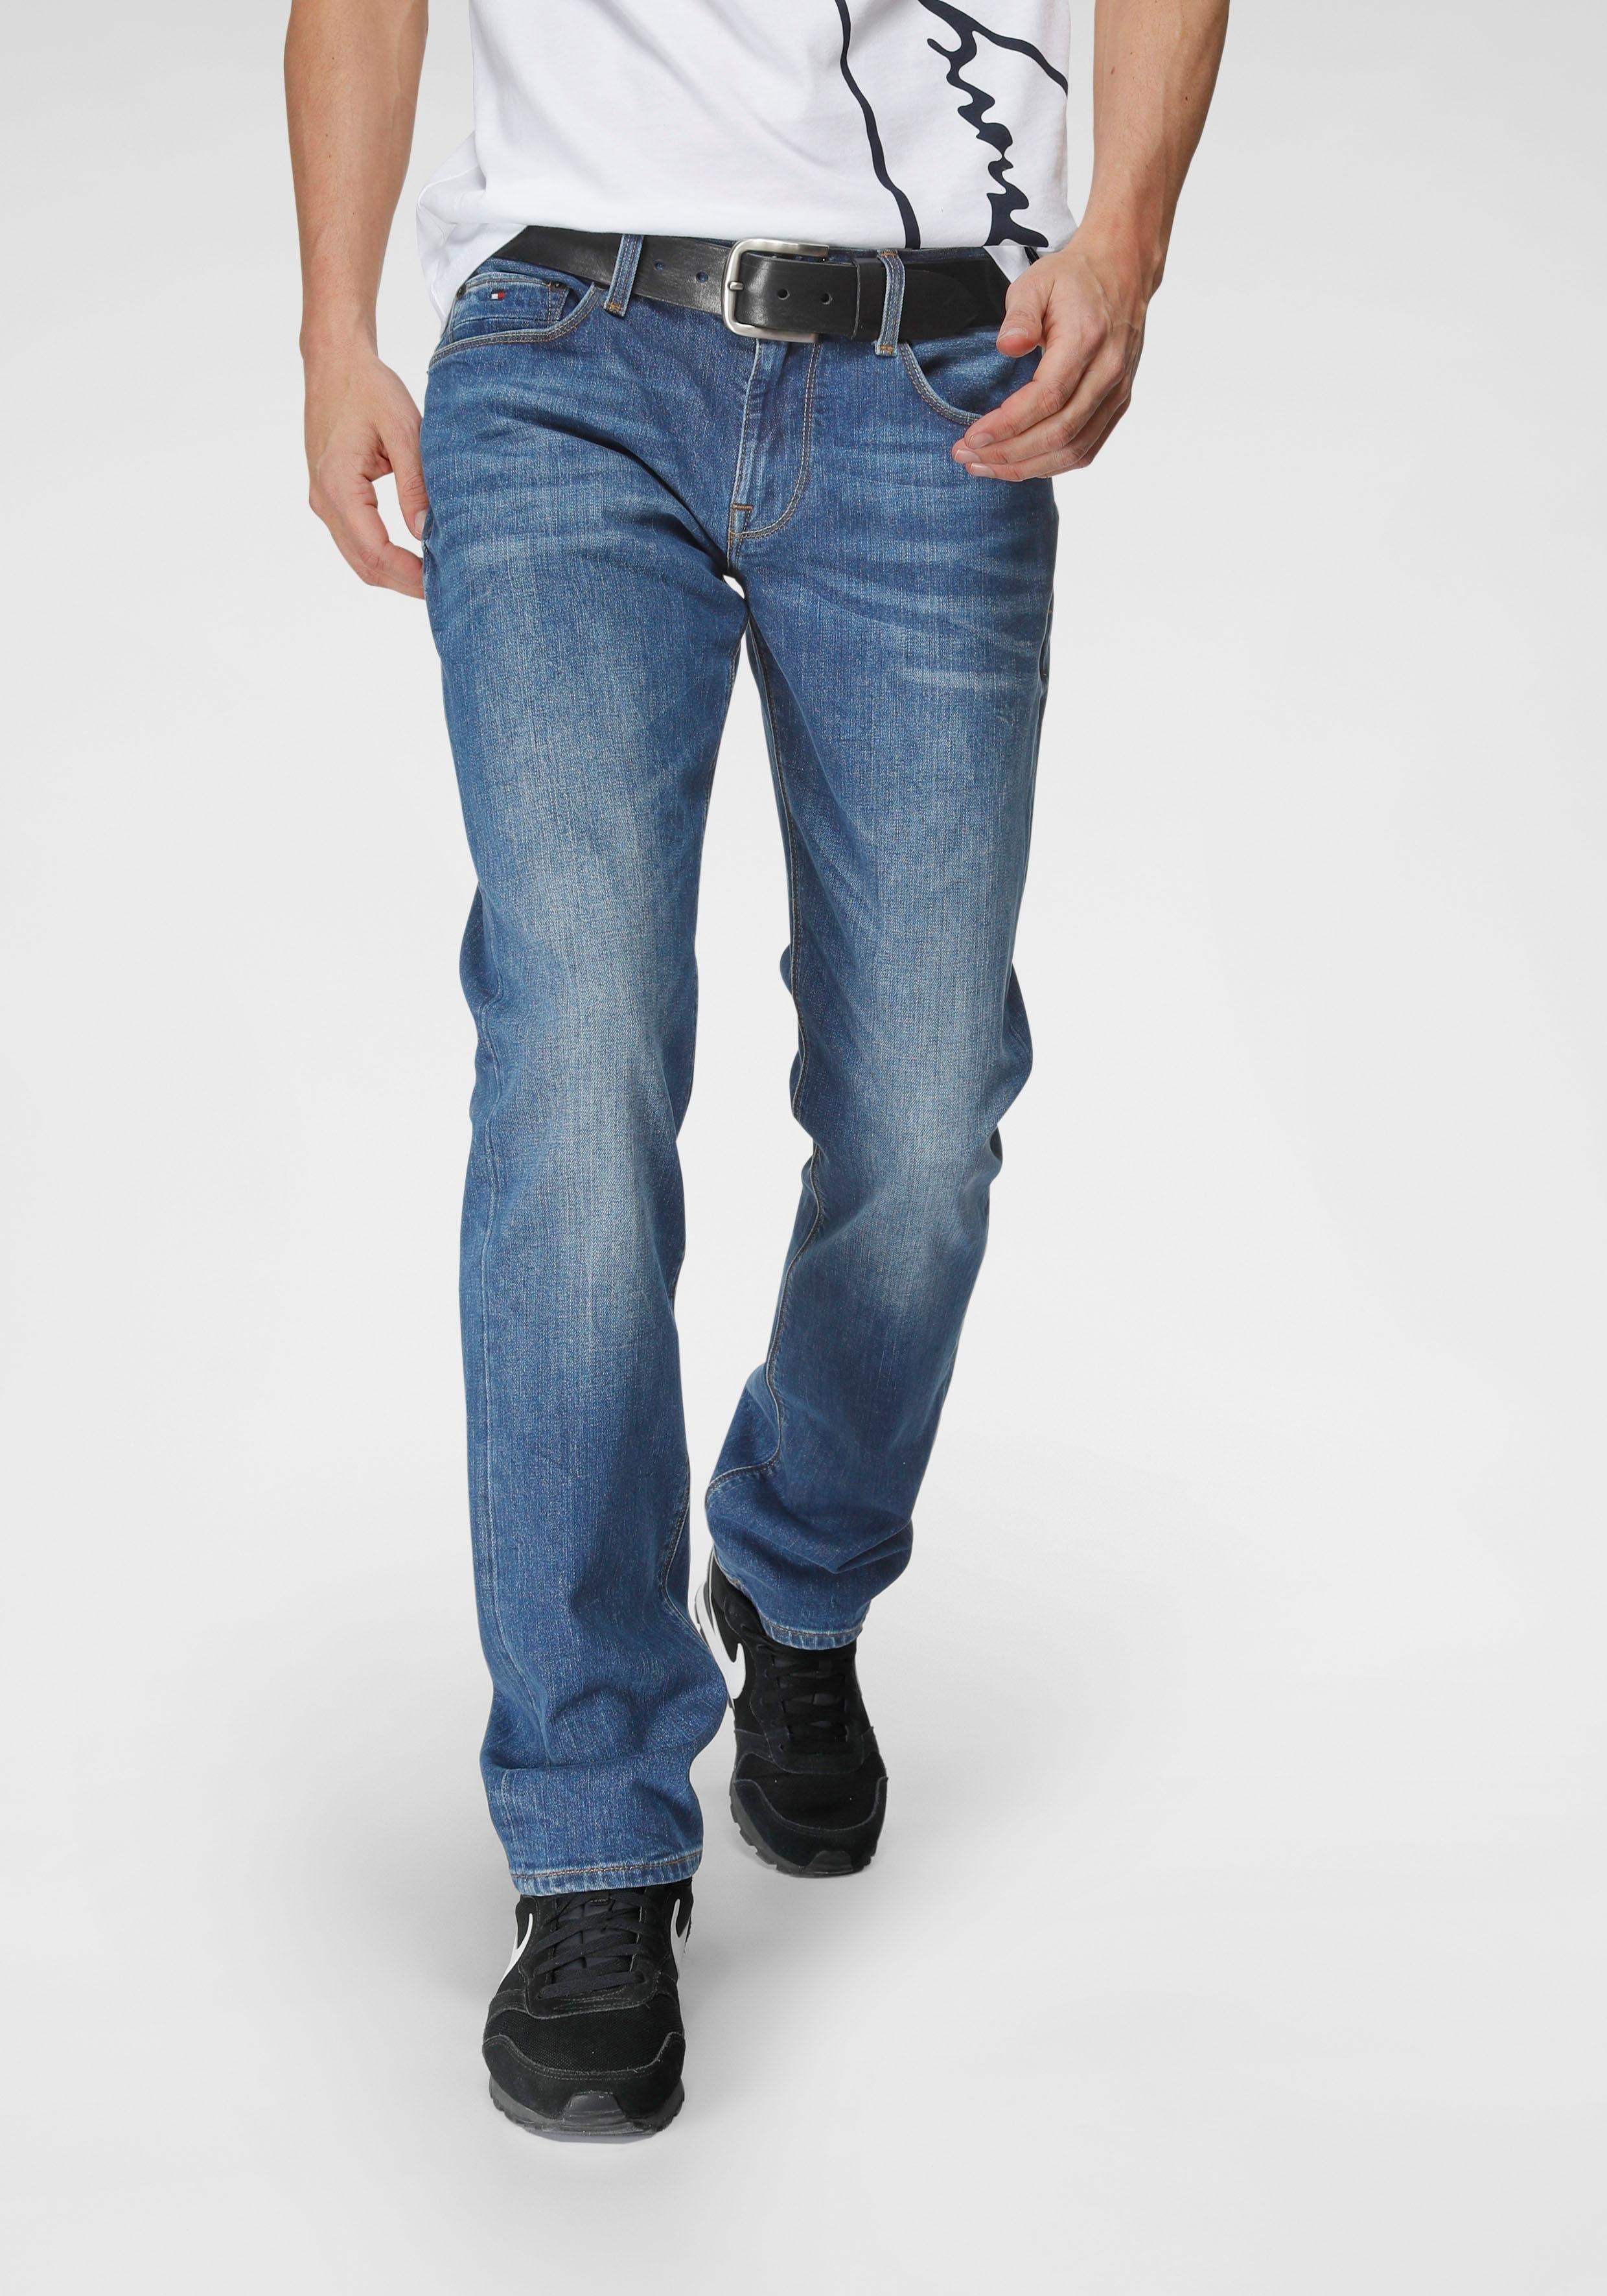 TOMMY HILFIGER jeans »CORE DENTON STRAIGHT JEAN« bestellen: 30 dagen bedenktijd